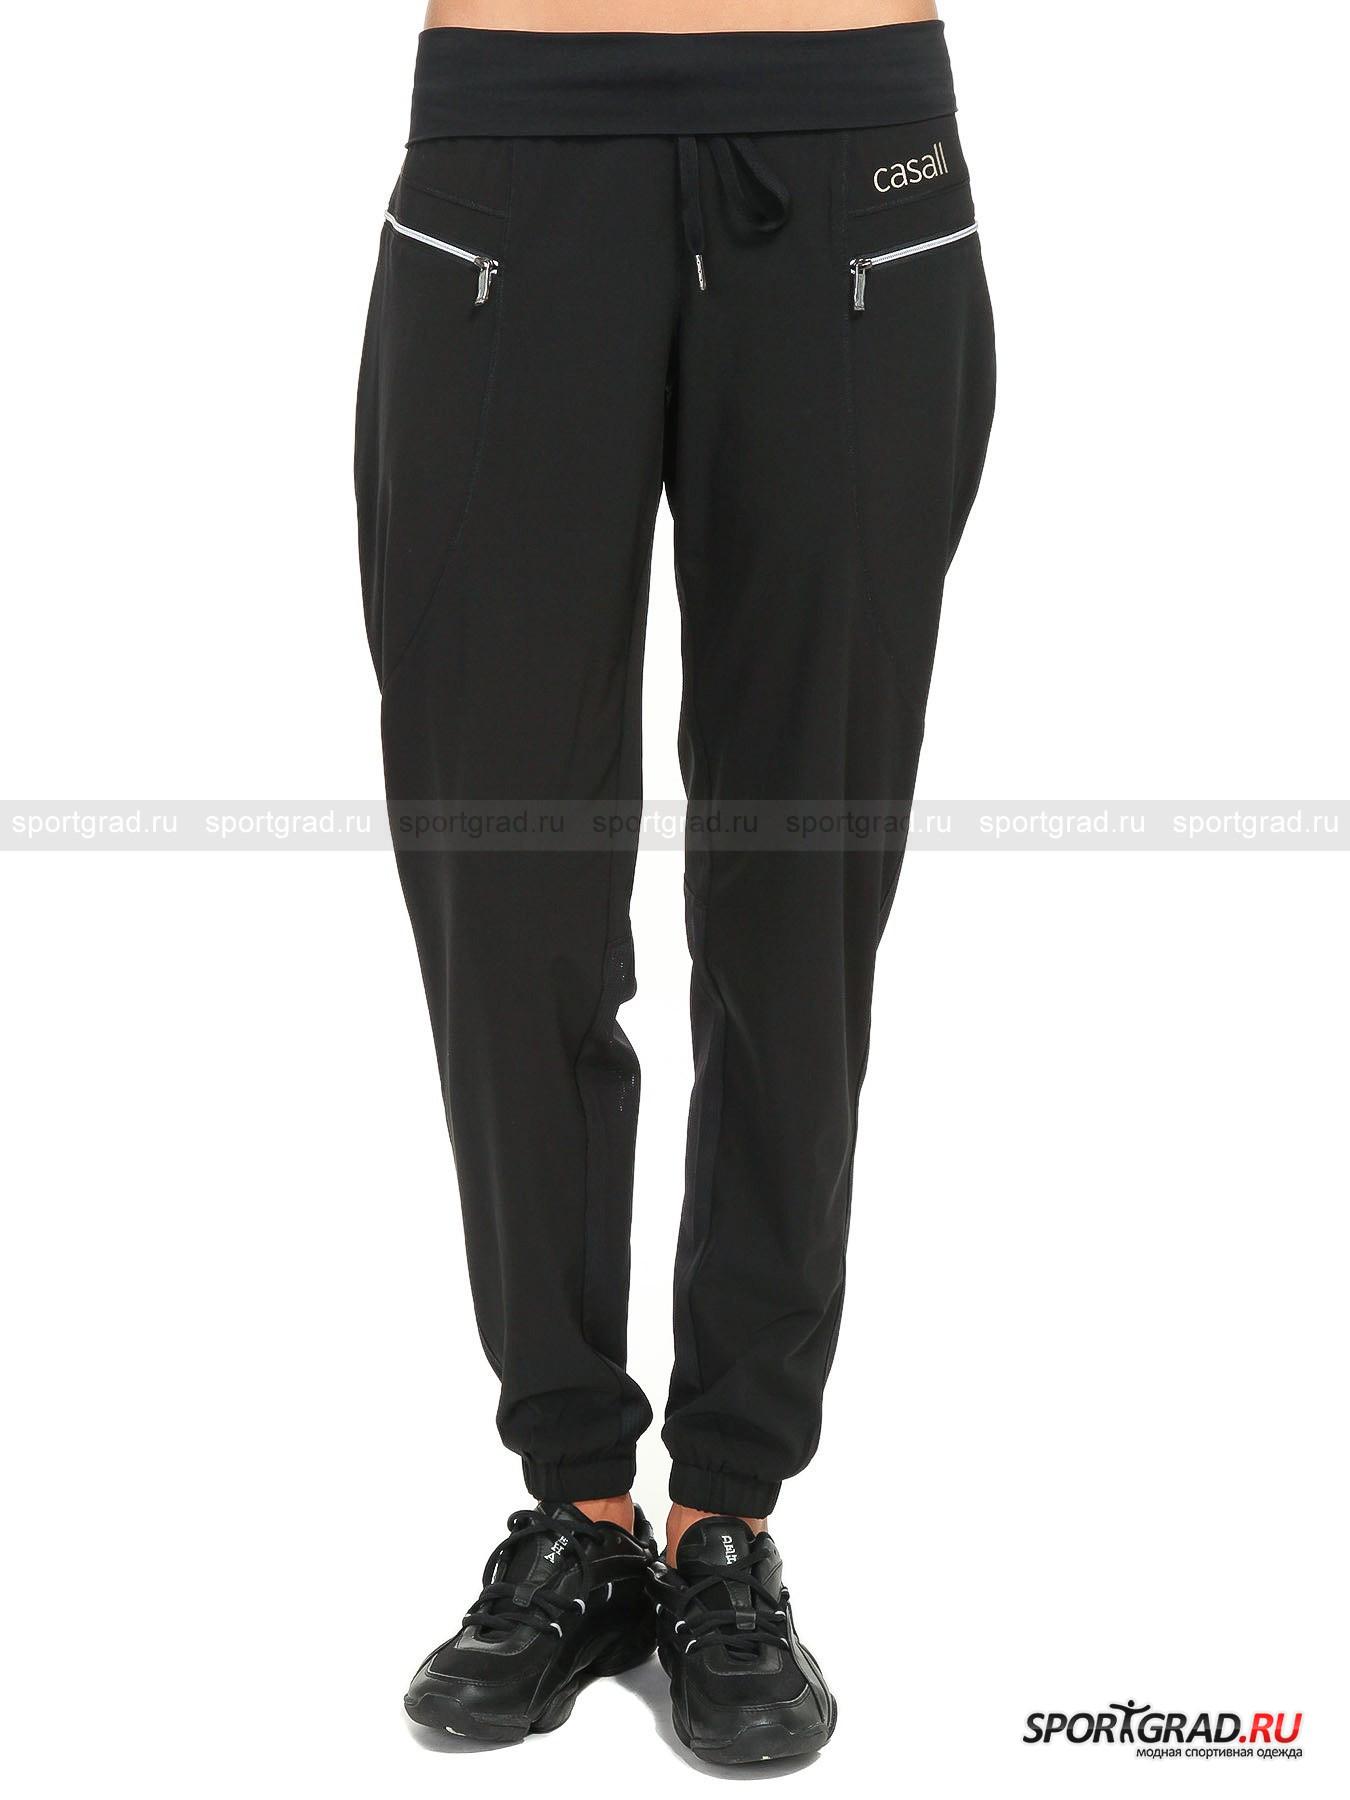 Брюки женские свободные Turf pant CASALL для спорта и танцевБрюки<br>Женские брюки Turf pant CASALL свободного фасона с подвернутым наружу мягким эластичным поясом на кулиске за счет сектора с вентиляционными каналами на голени будет выводить наружу испарину, охлаждая кожу во время занятий спортом и танцами. Ткань с эффектом стрейч гарантирует сохранение амплитуды любого из Ваших движений.<br><br>Модель имеет:<br>- прочную конструкцию рельефных швов спереди и сзади для суперкомфортной посадки;<br>- прочные манжеты с резинкой внутри;<br>- два кармана на бедрах с застежкой на молнию.<br>Длина изделия по боковому шву с учетом манжет и развернутого поса 101 см, ширина в бедрах 52 см (размер 38).<br><br>Пол: Женский<br>Возраст: Взрослый<br>Тип: Брюки<br>Рекомендации по уходу: Изделию показана стирка при температуре строго 40°, глажка при температуре, не превышающей 110°, и химчистка. Запрещены отбеливание и сушка в стиральной машине и электросушилке для белья.<br>Состав: 93% полиэстер, 7% эластан